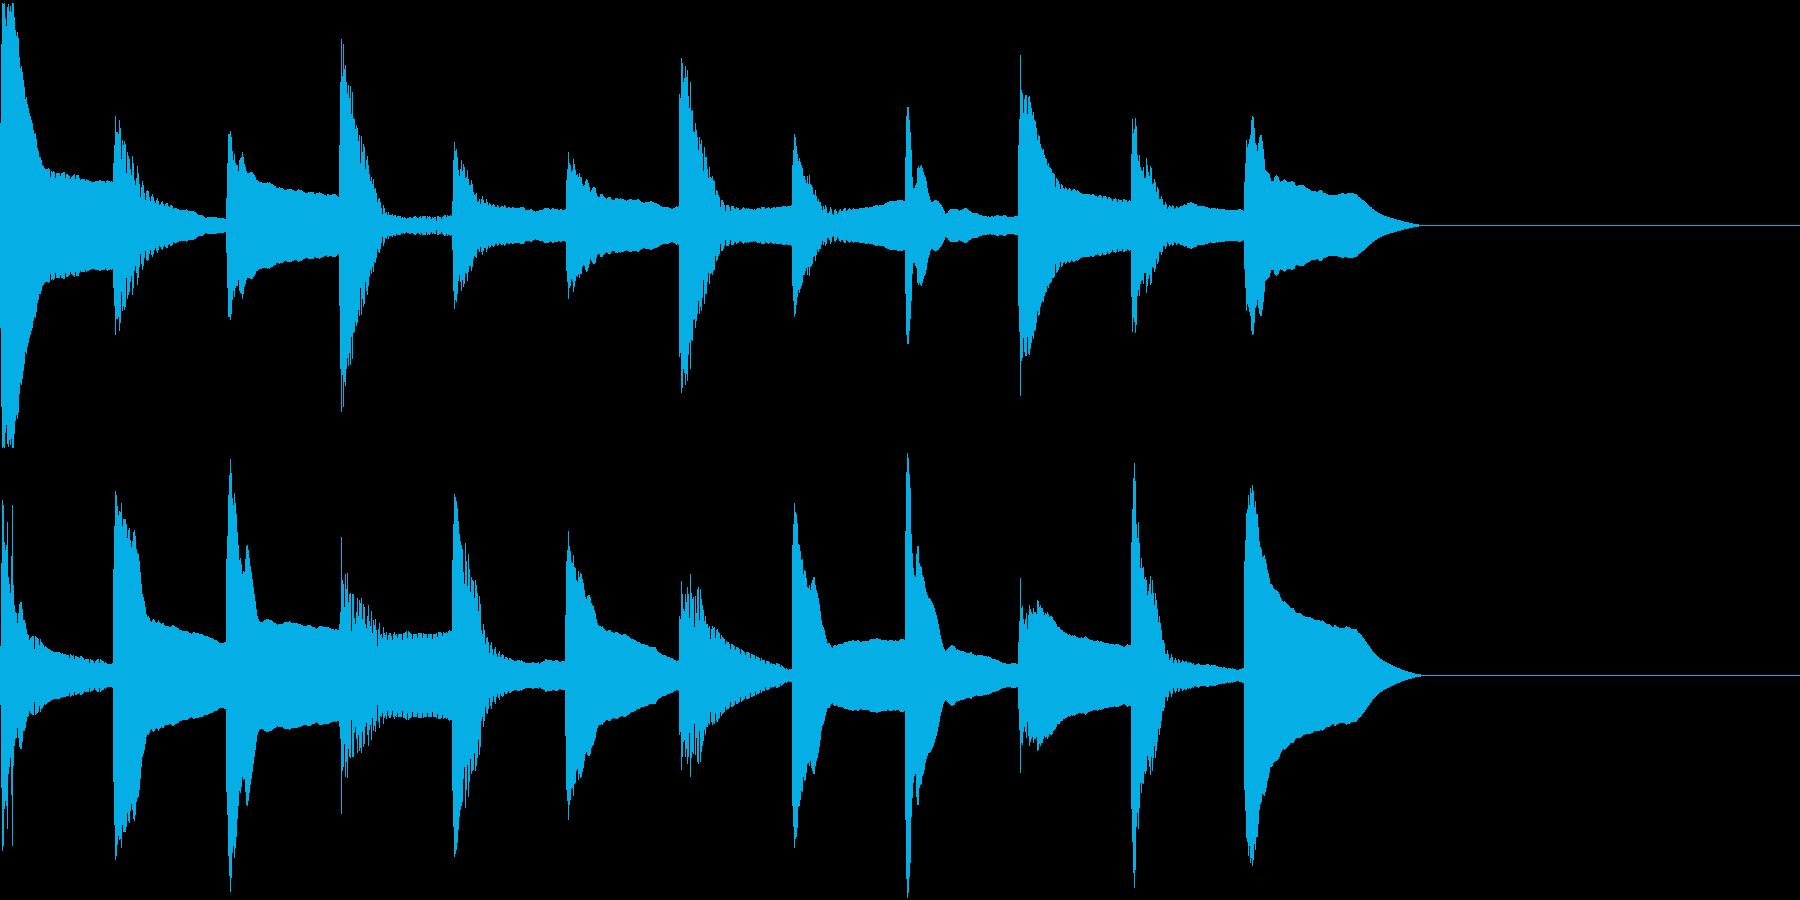 着信音 ループ お知らせ 通知 1の再生済みの波形